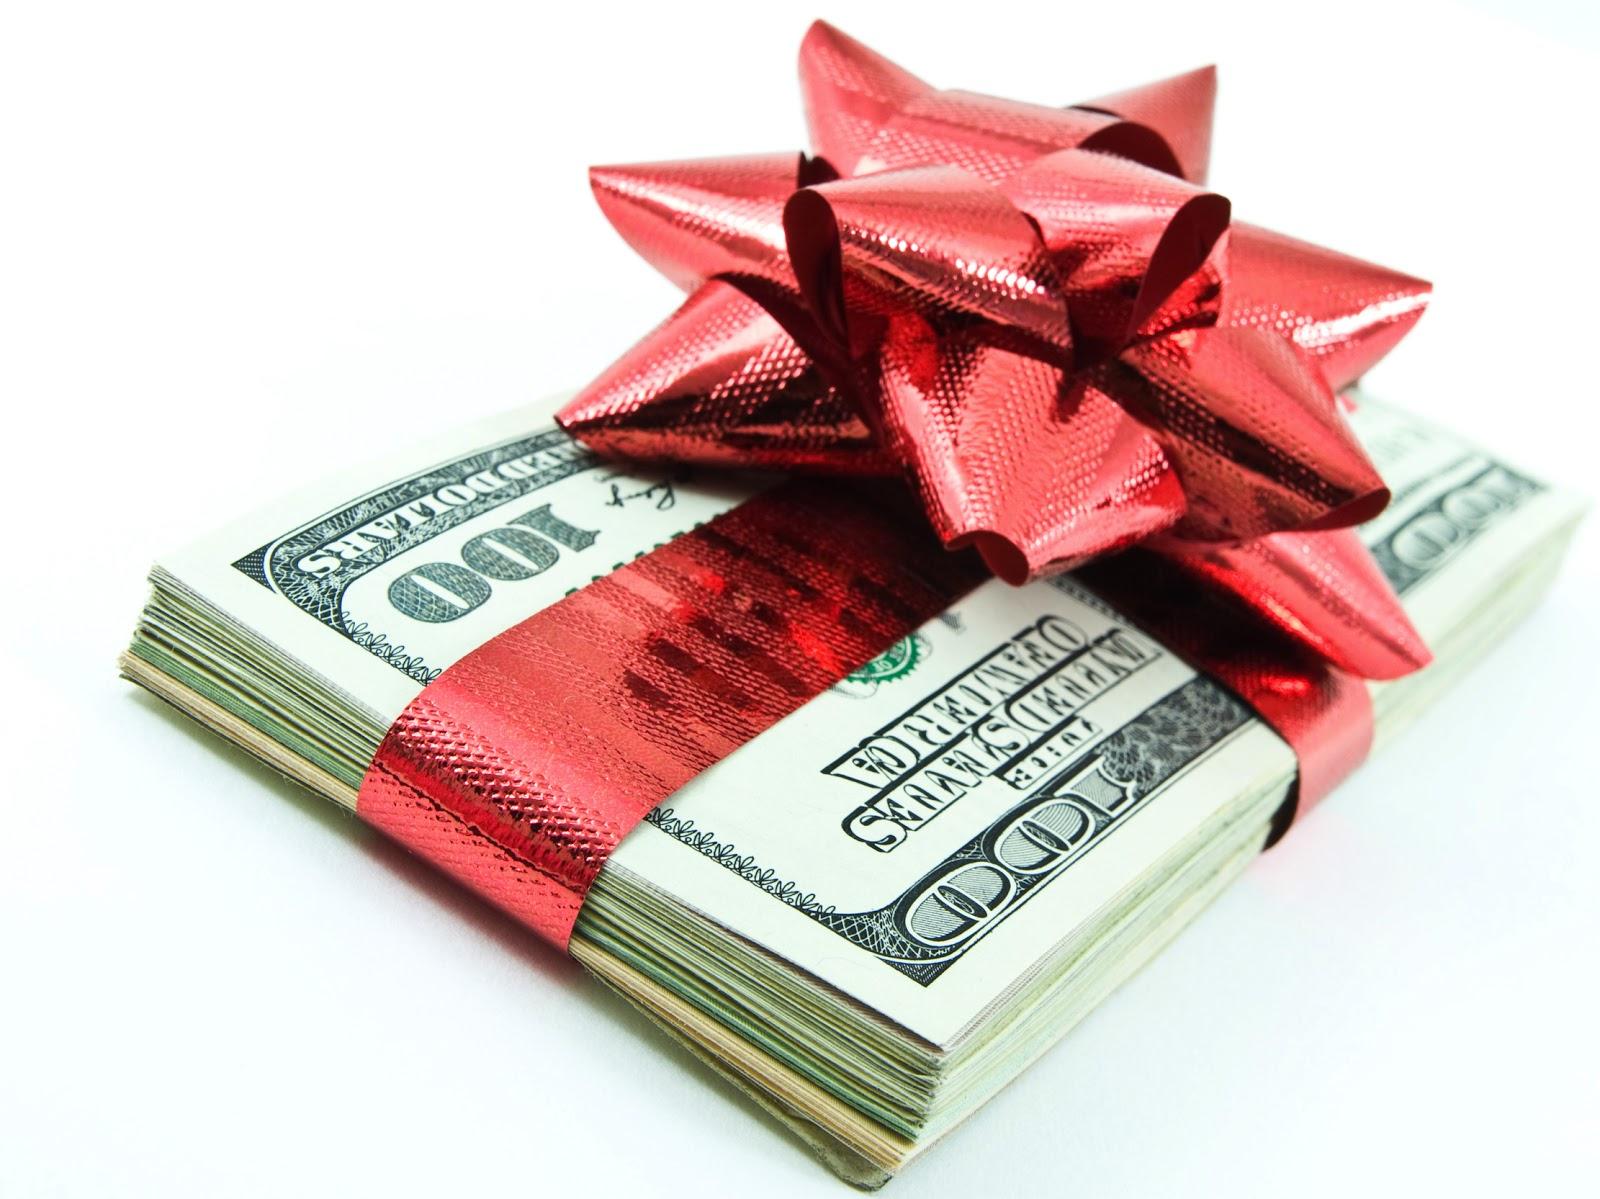 Стихи к подарку деньги - прикольные, серьезные, смешные, на свадьбу, на 25